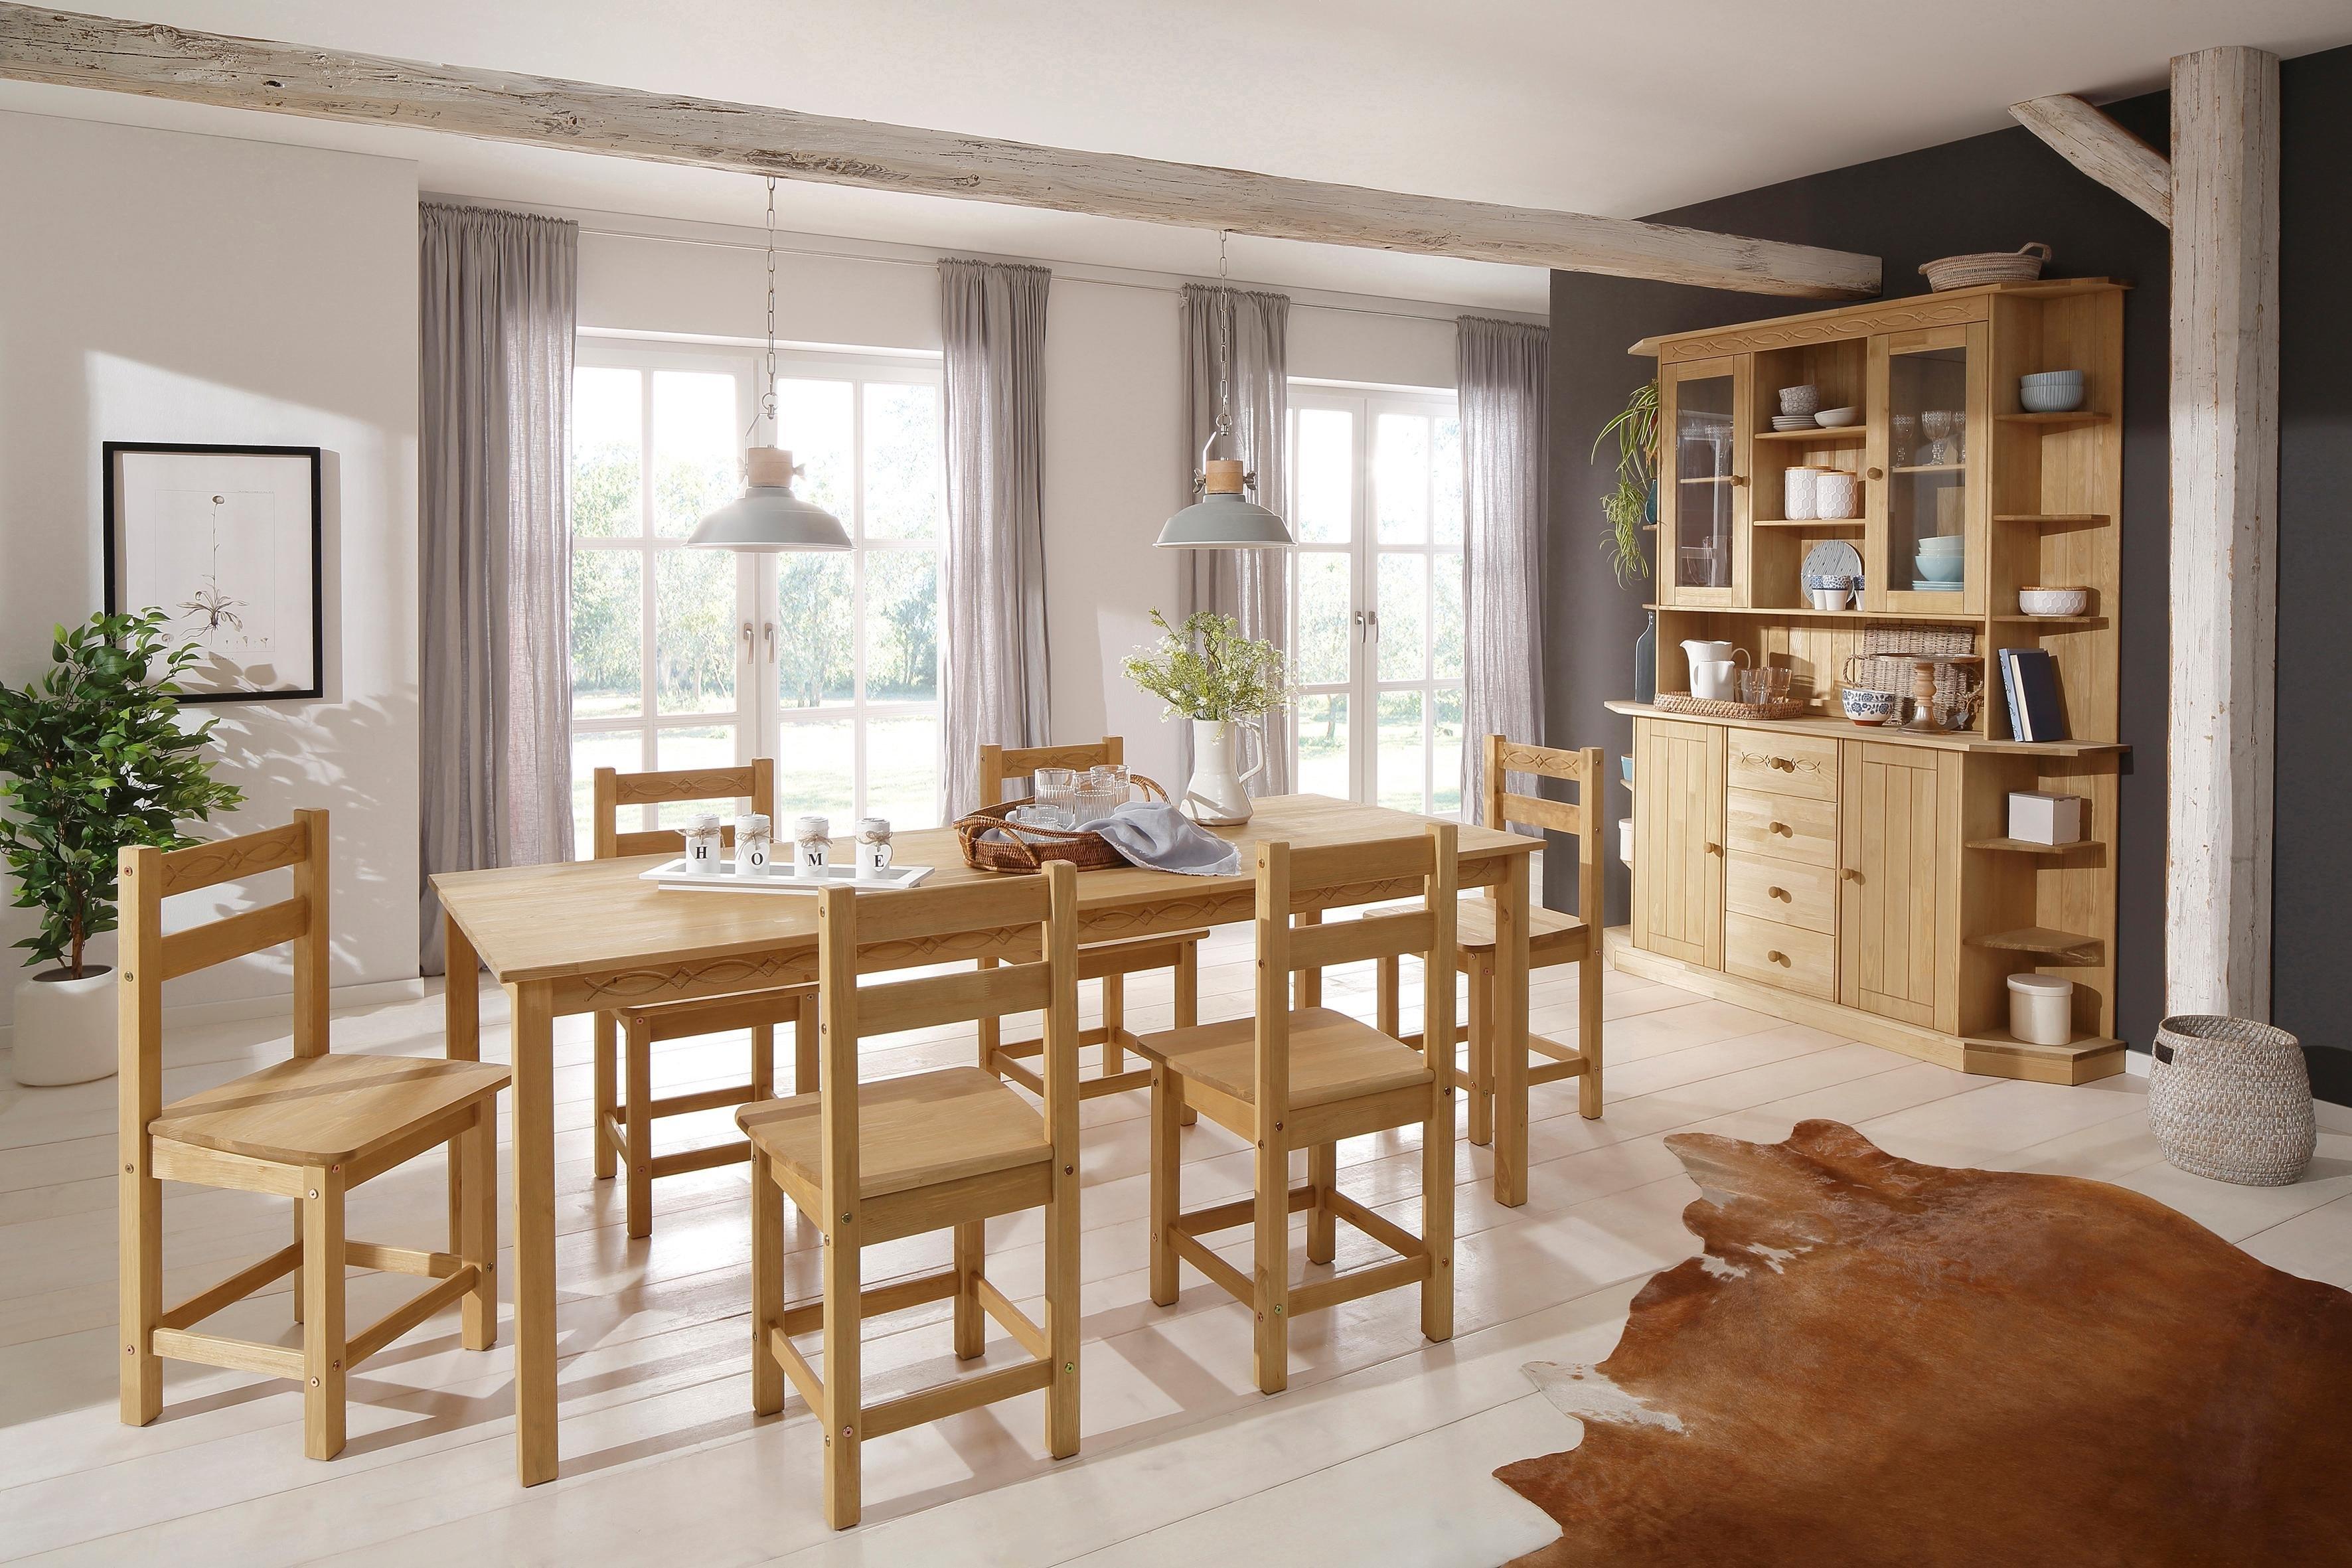 Home affaire stoel Indra (set) - gratis ruilen op otto.nl